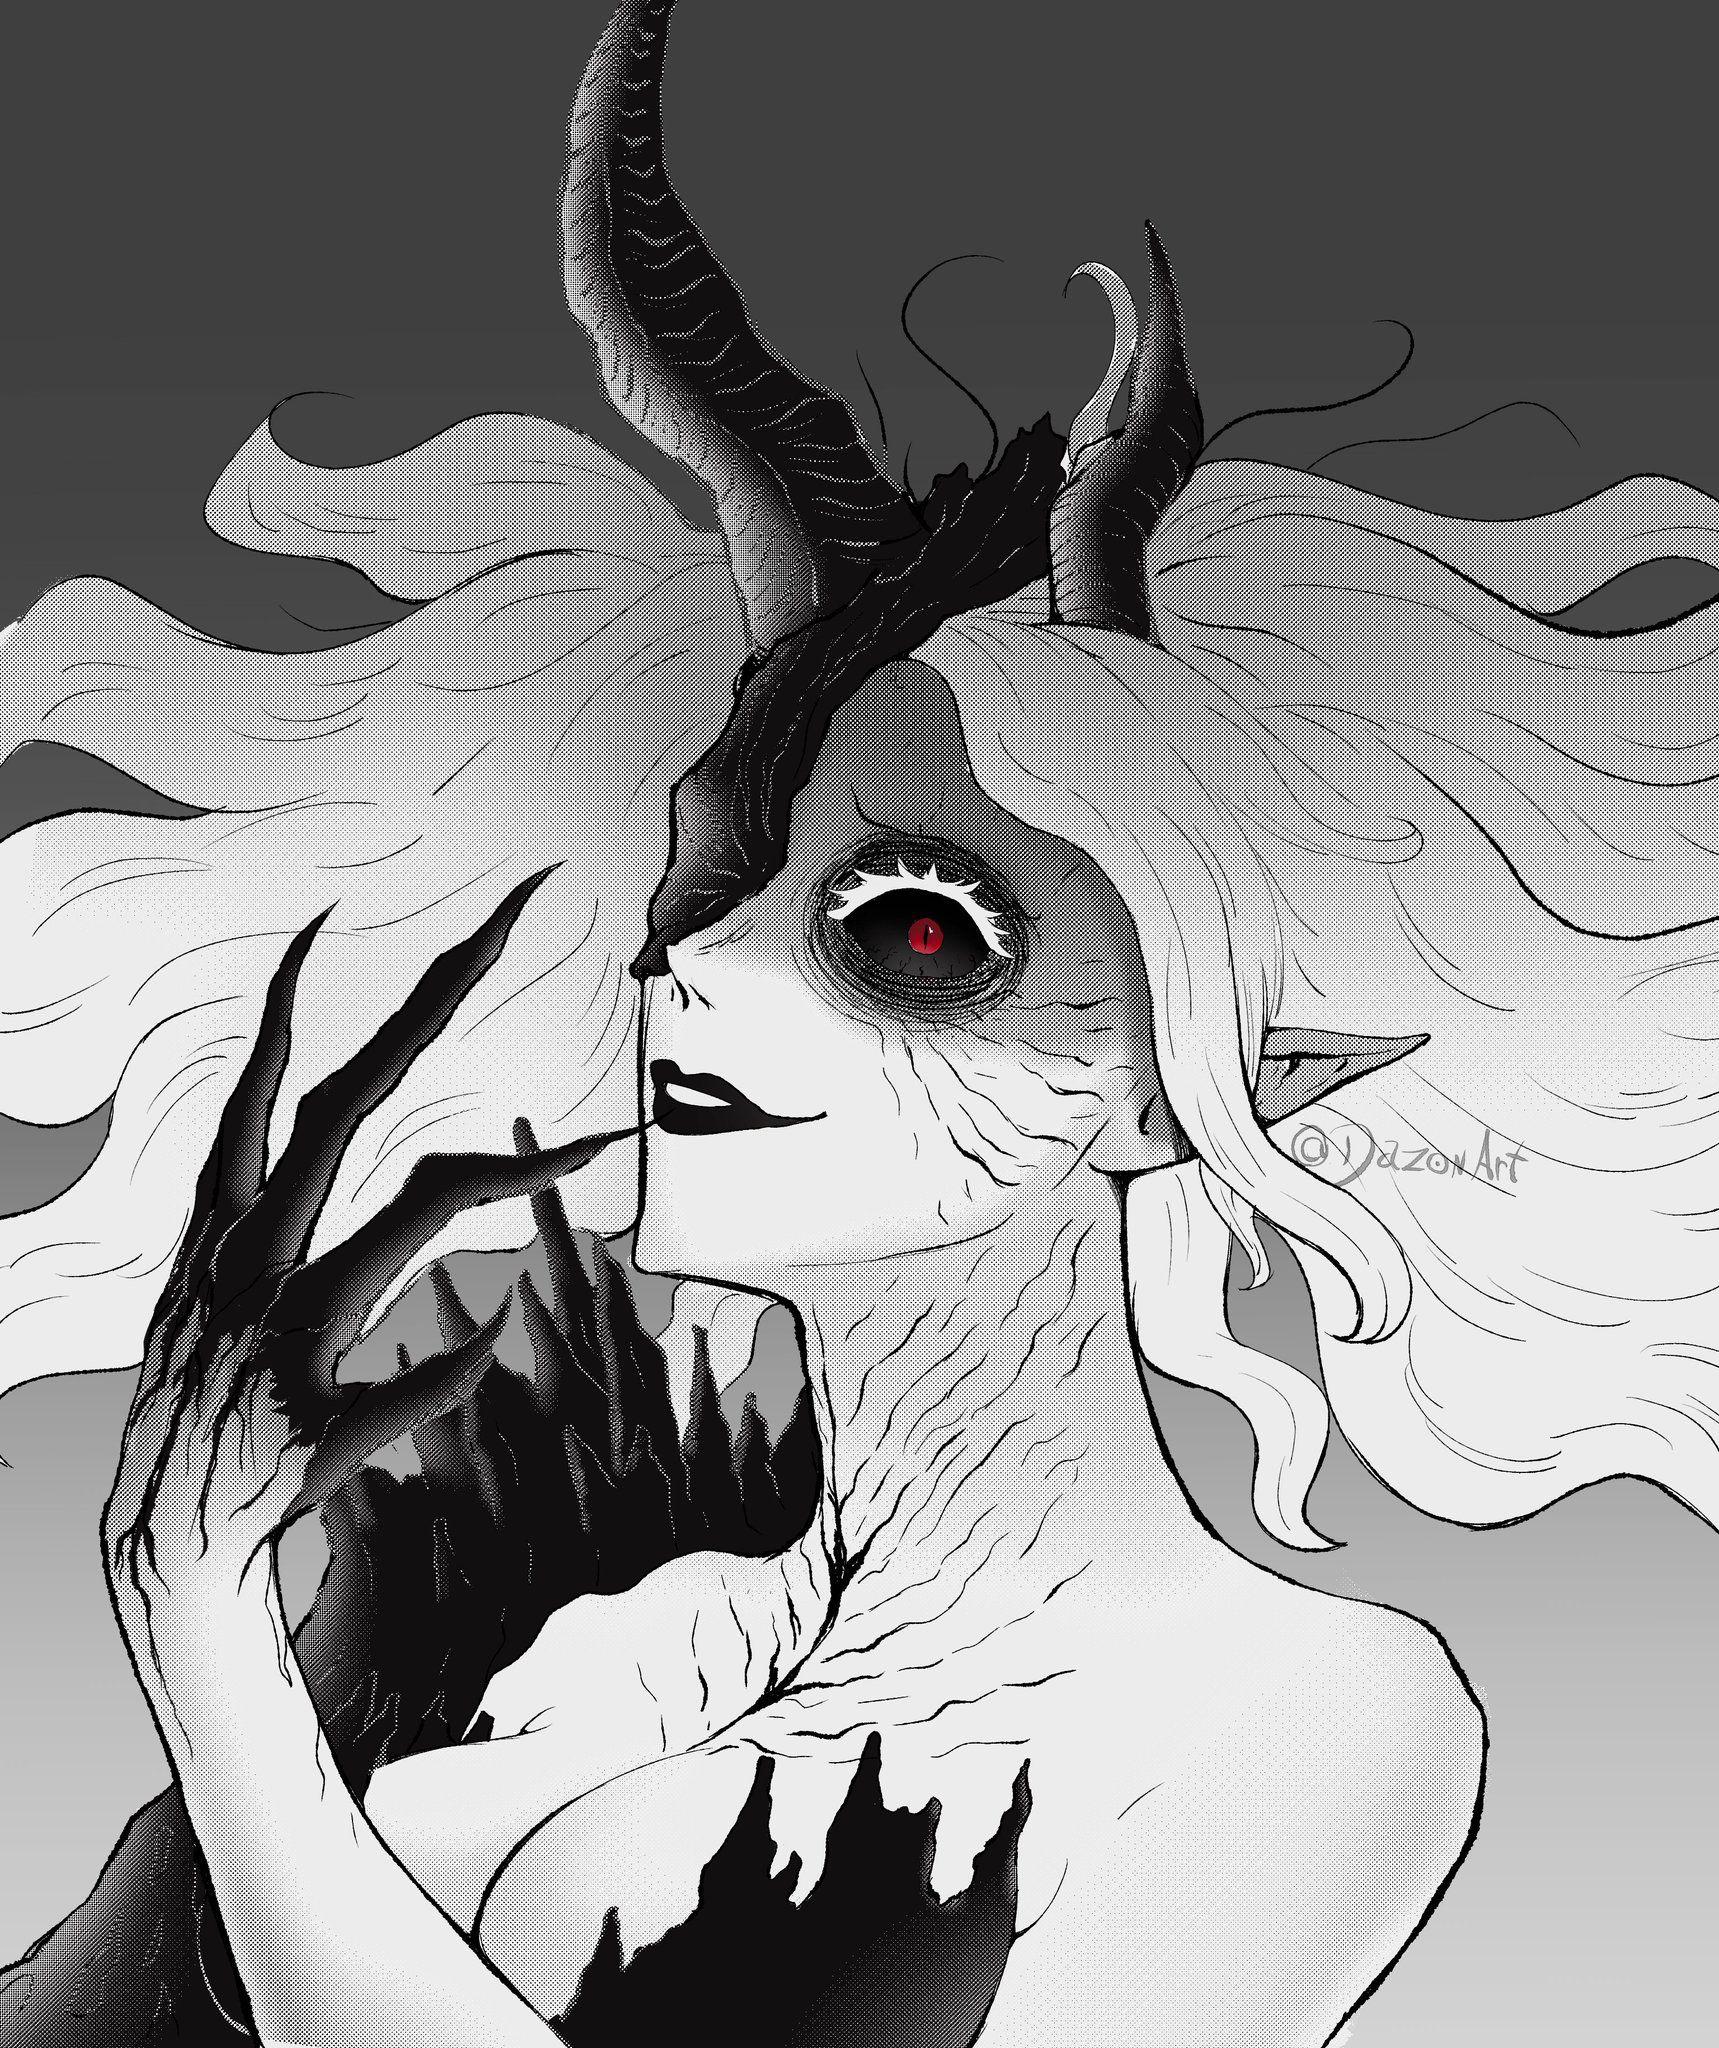 300 ideas de Black Clover en 2021 | anime, arte de anime, tríada oscura